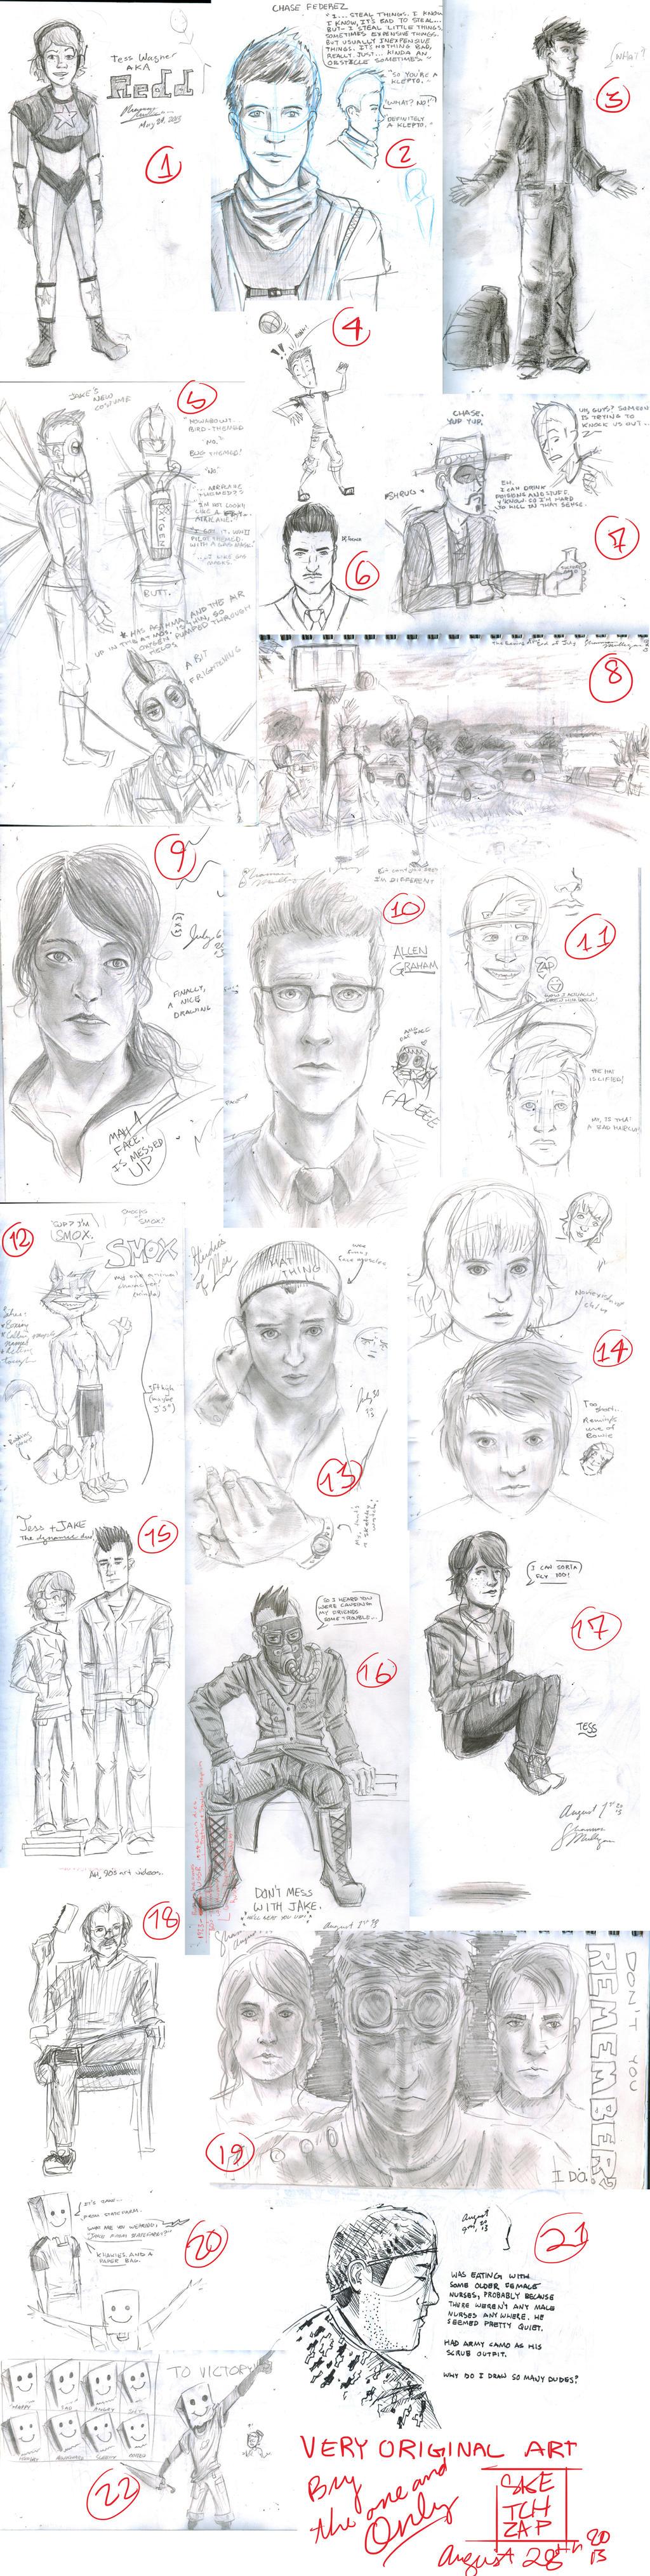 SketchBookUpLoad- Orginal Stuff by Sketch-Zap